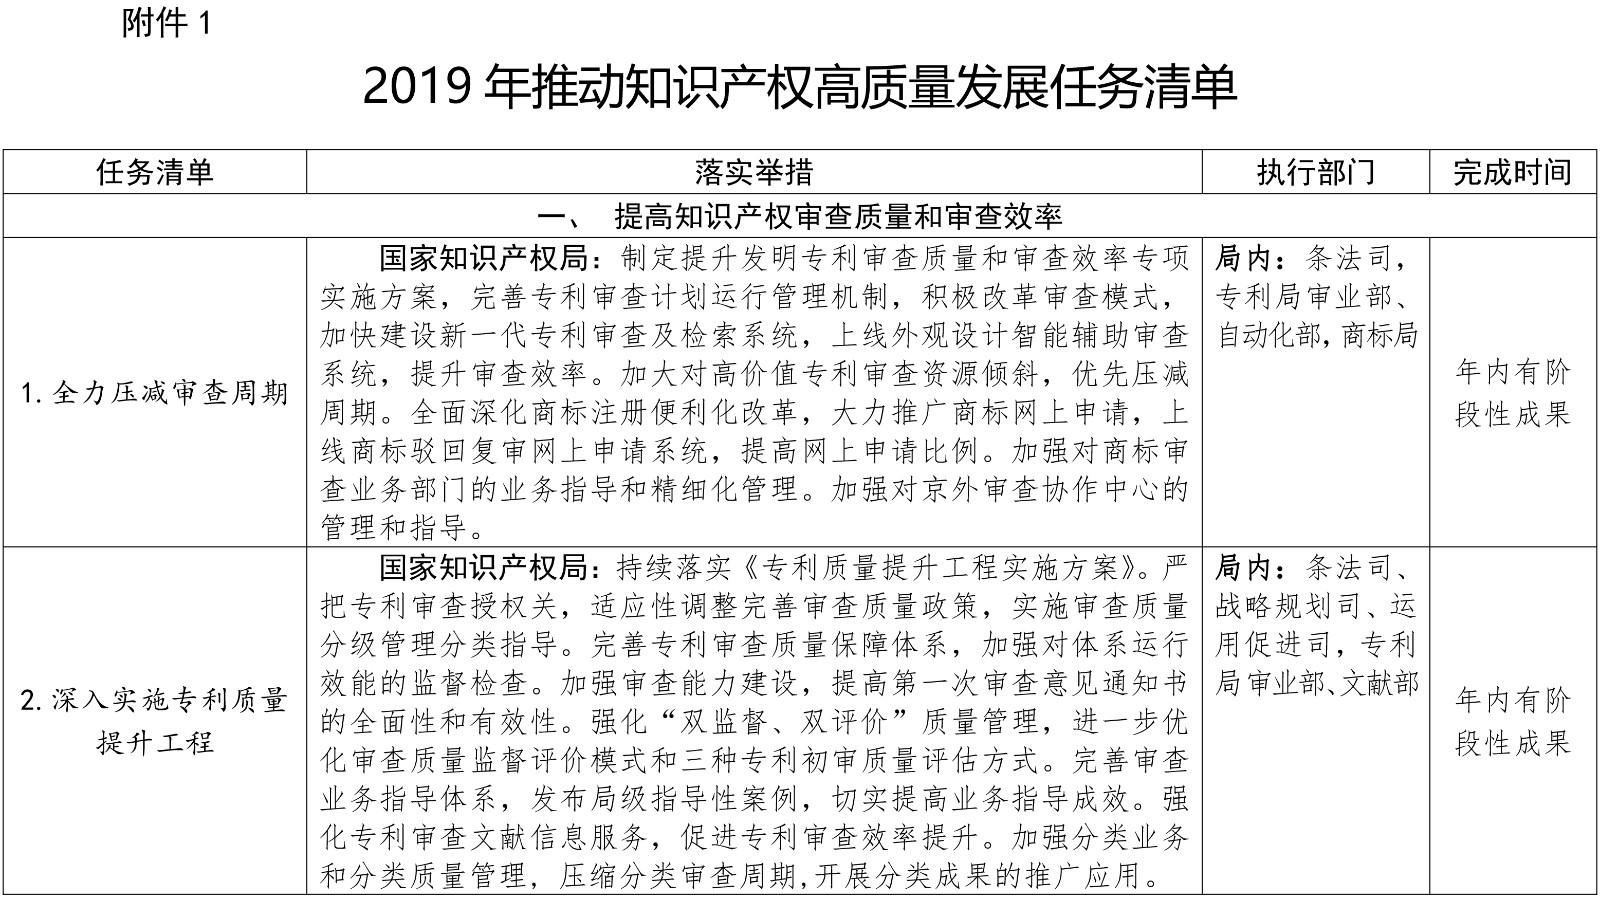 刚刚!国知局发布2019推动知识产权高质量发展任务清单(附分类表)